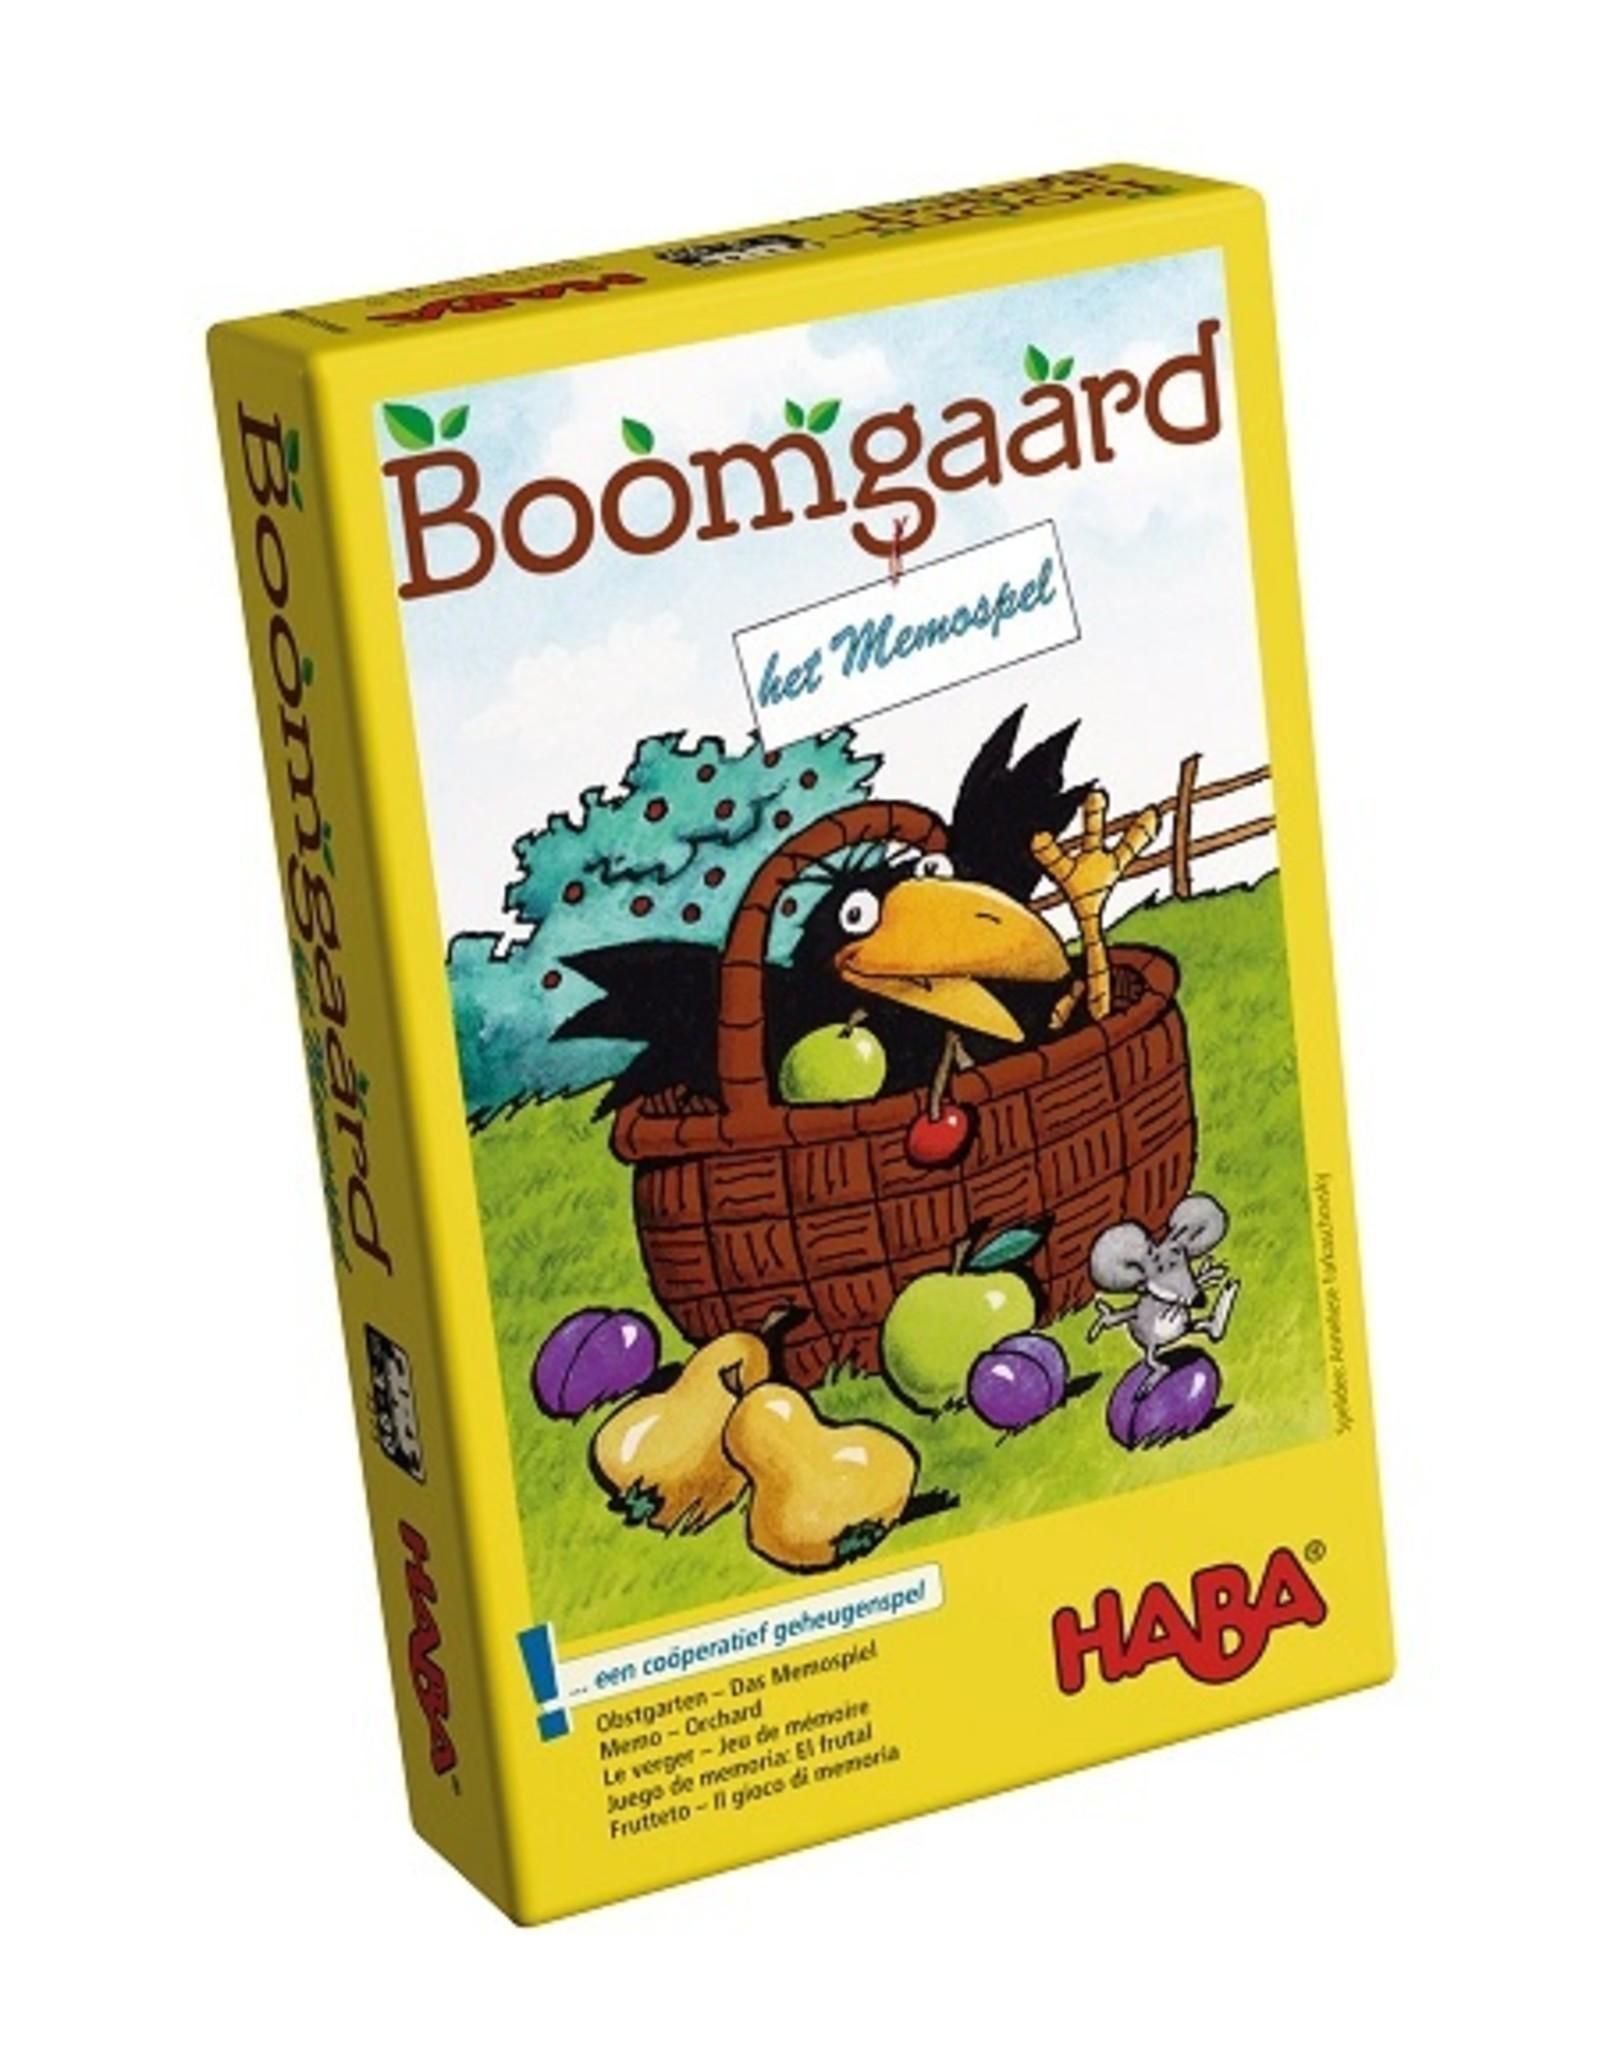 Haba Boomgaard Memospel 3273